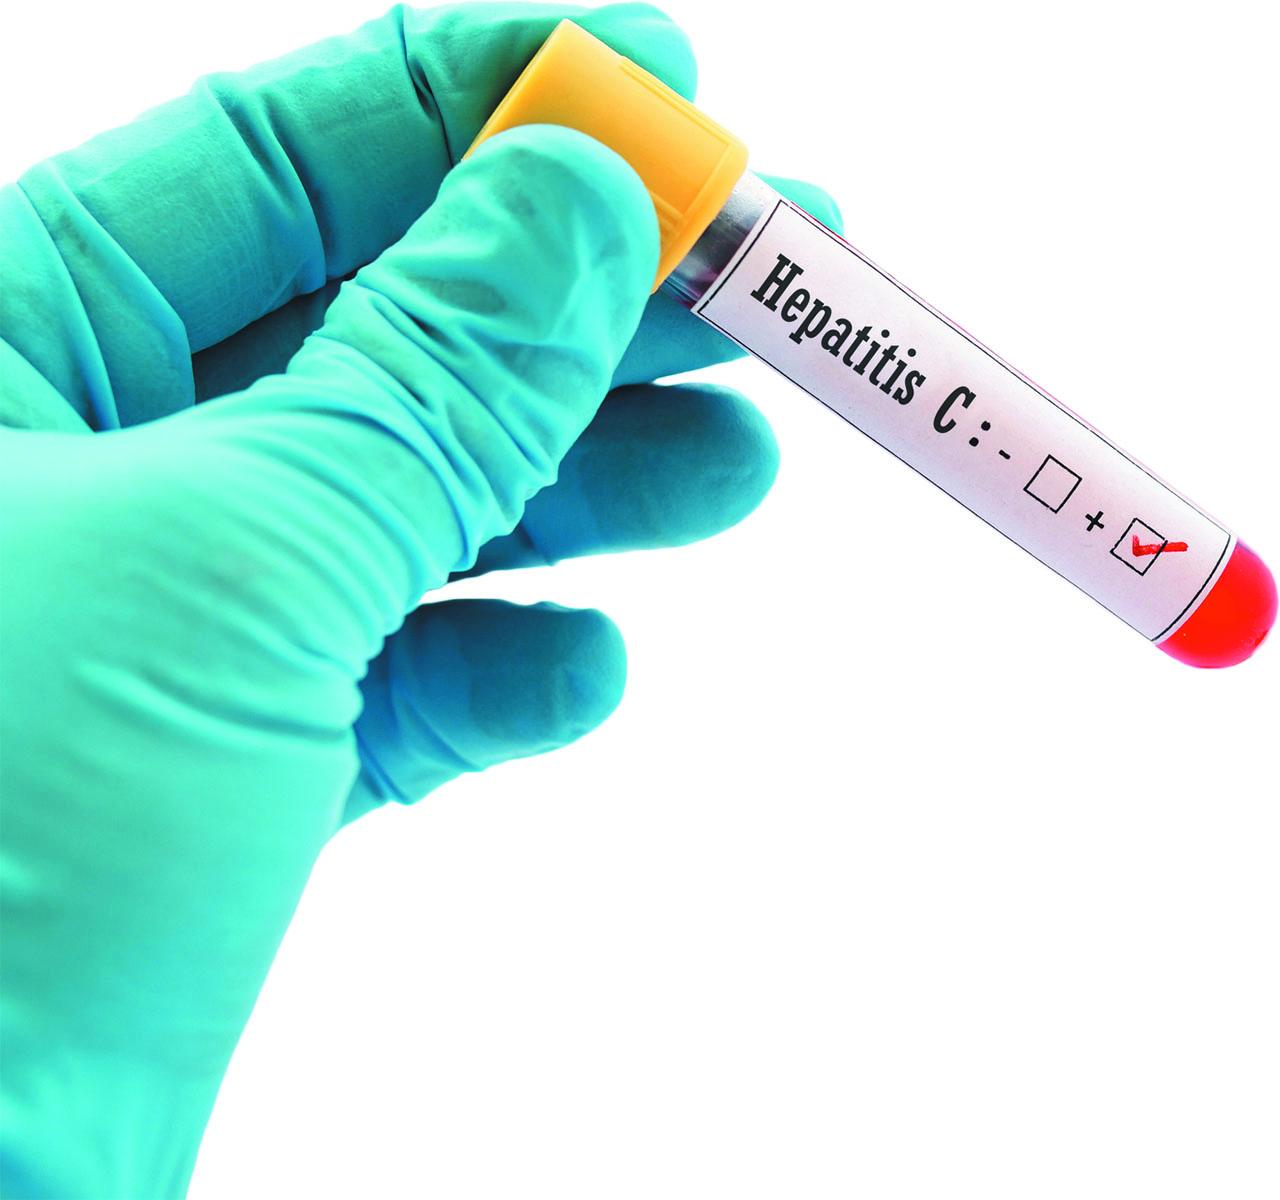 Hepatitis C: Still a major risk for baby boomers - Harvard ...